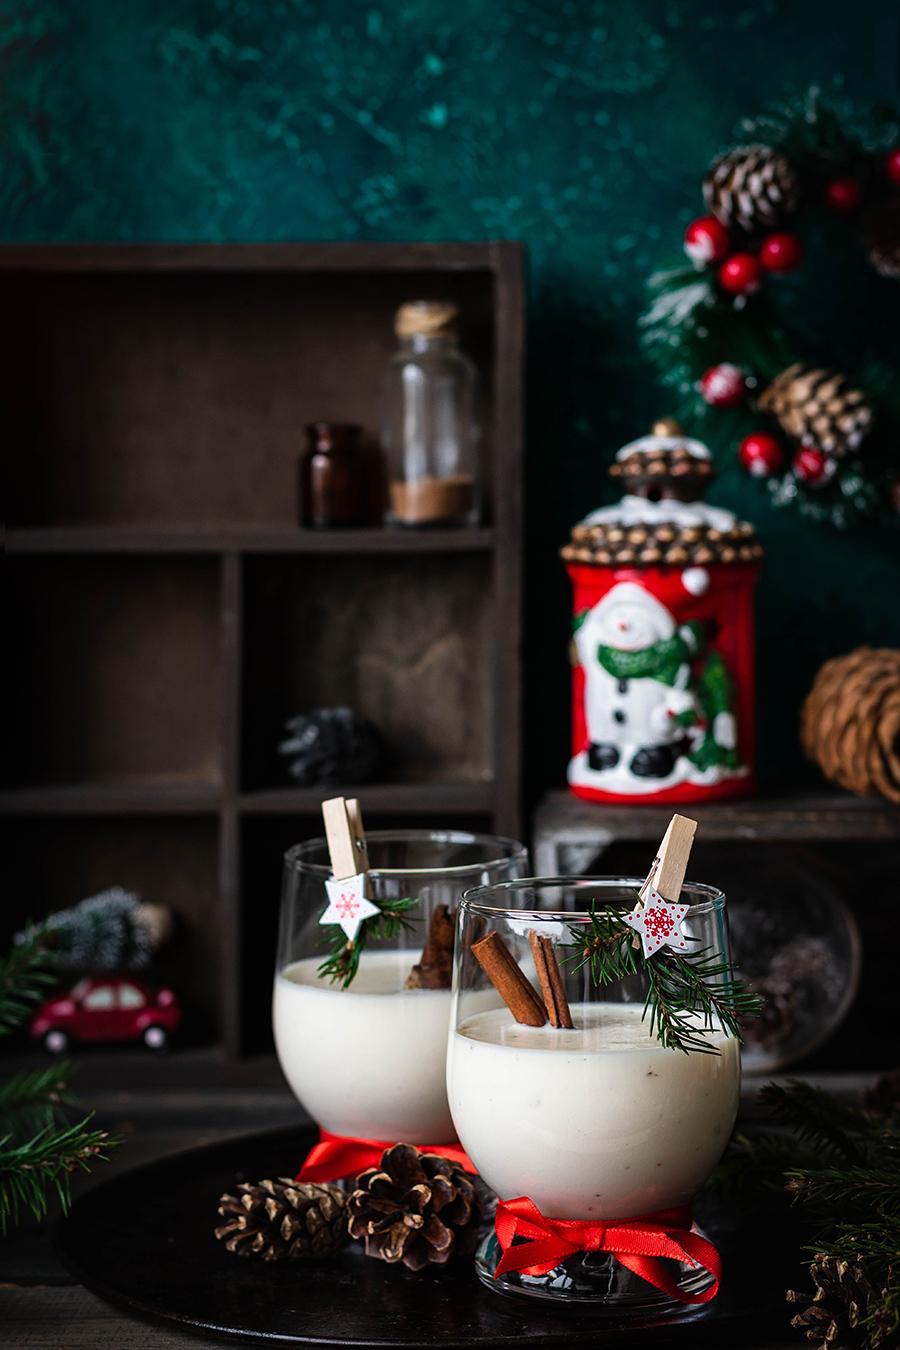 молочный коктейль рецепты приготовить дома новый год 2021